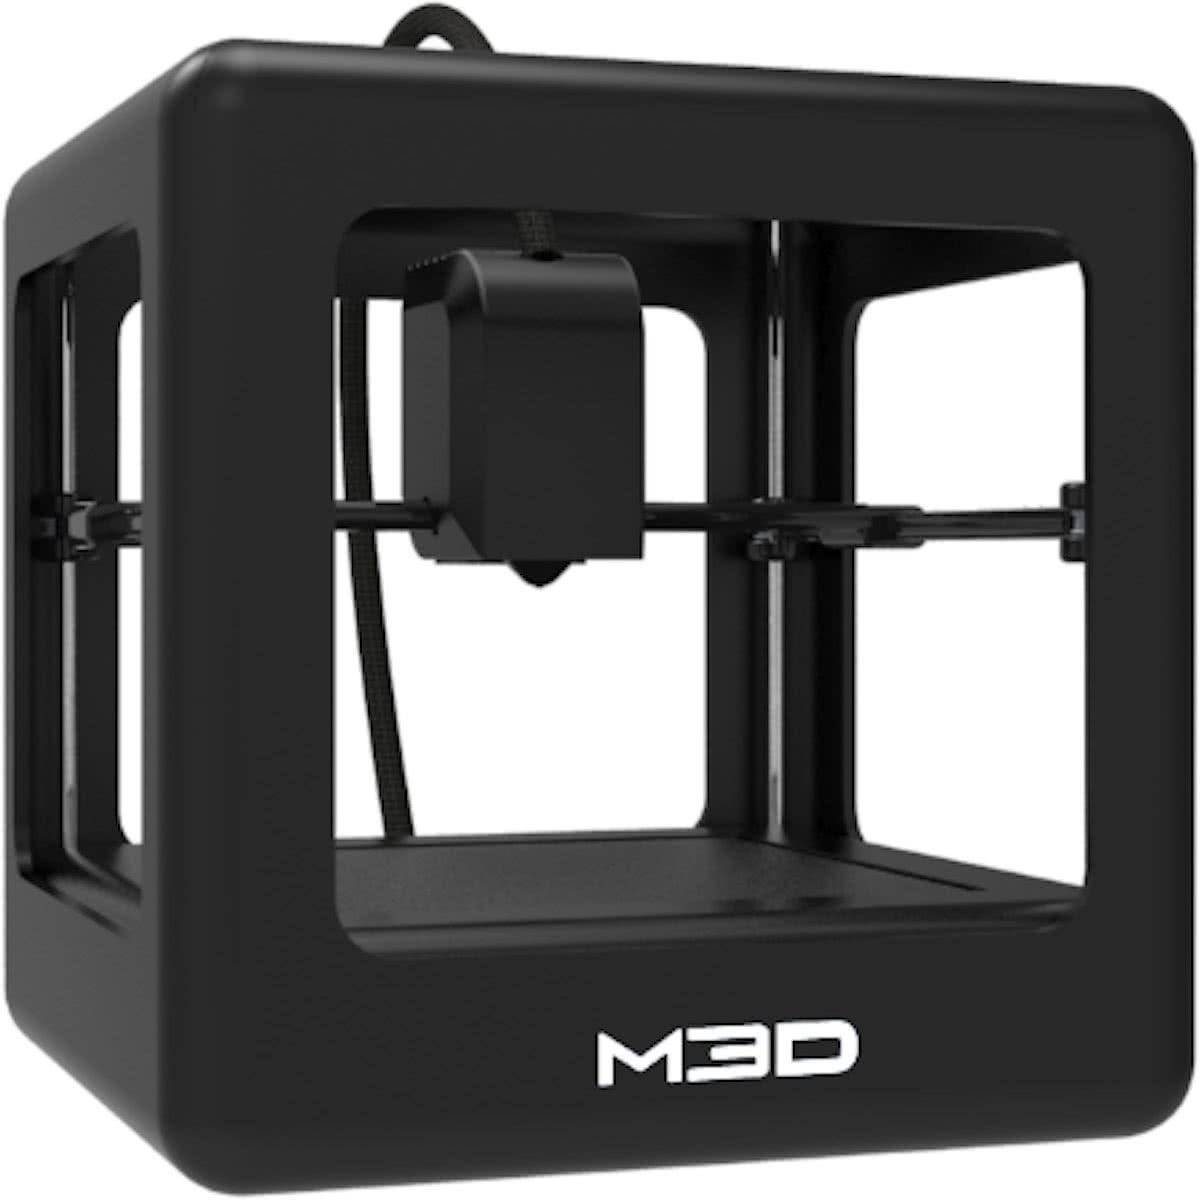 Imprimante 3d m3d micro 3d - 5% de remise imm�diate avec le code : fete5